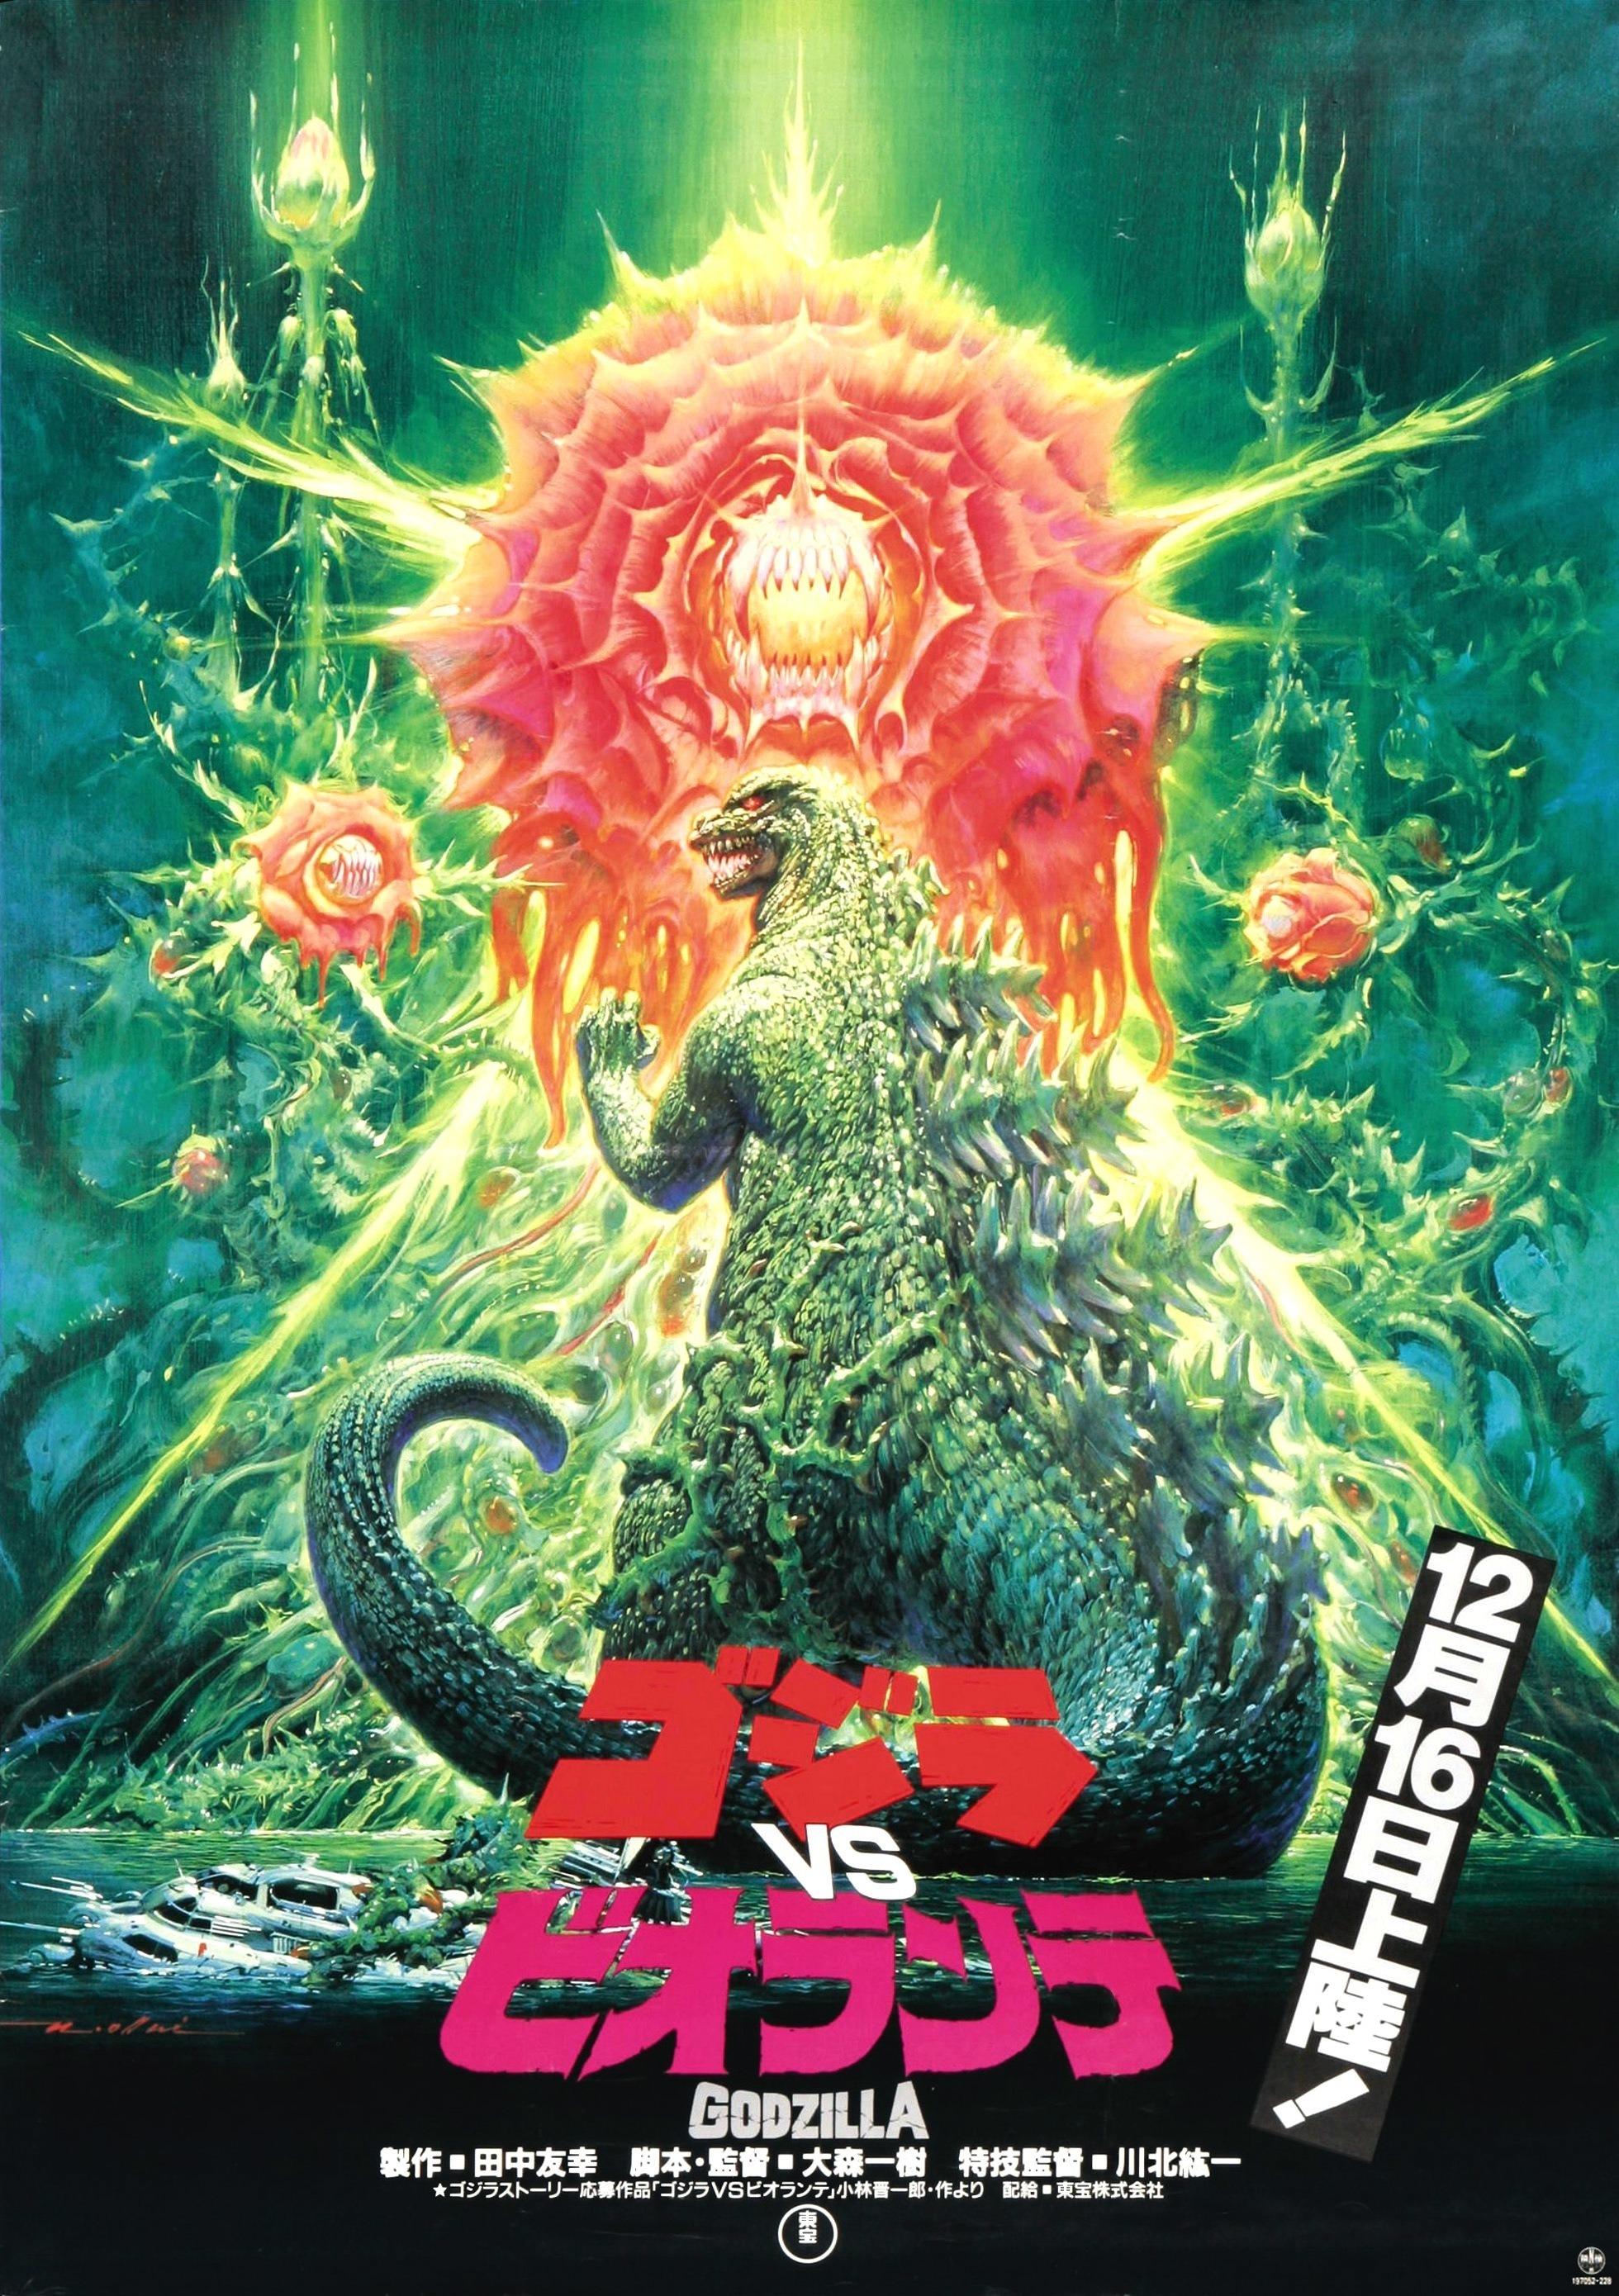 Godzilla vs. Biollante poster